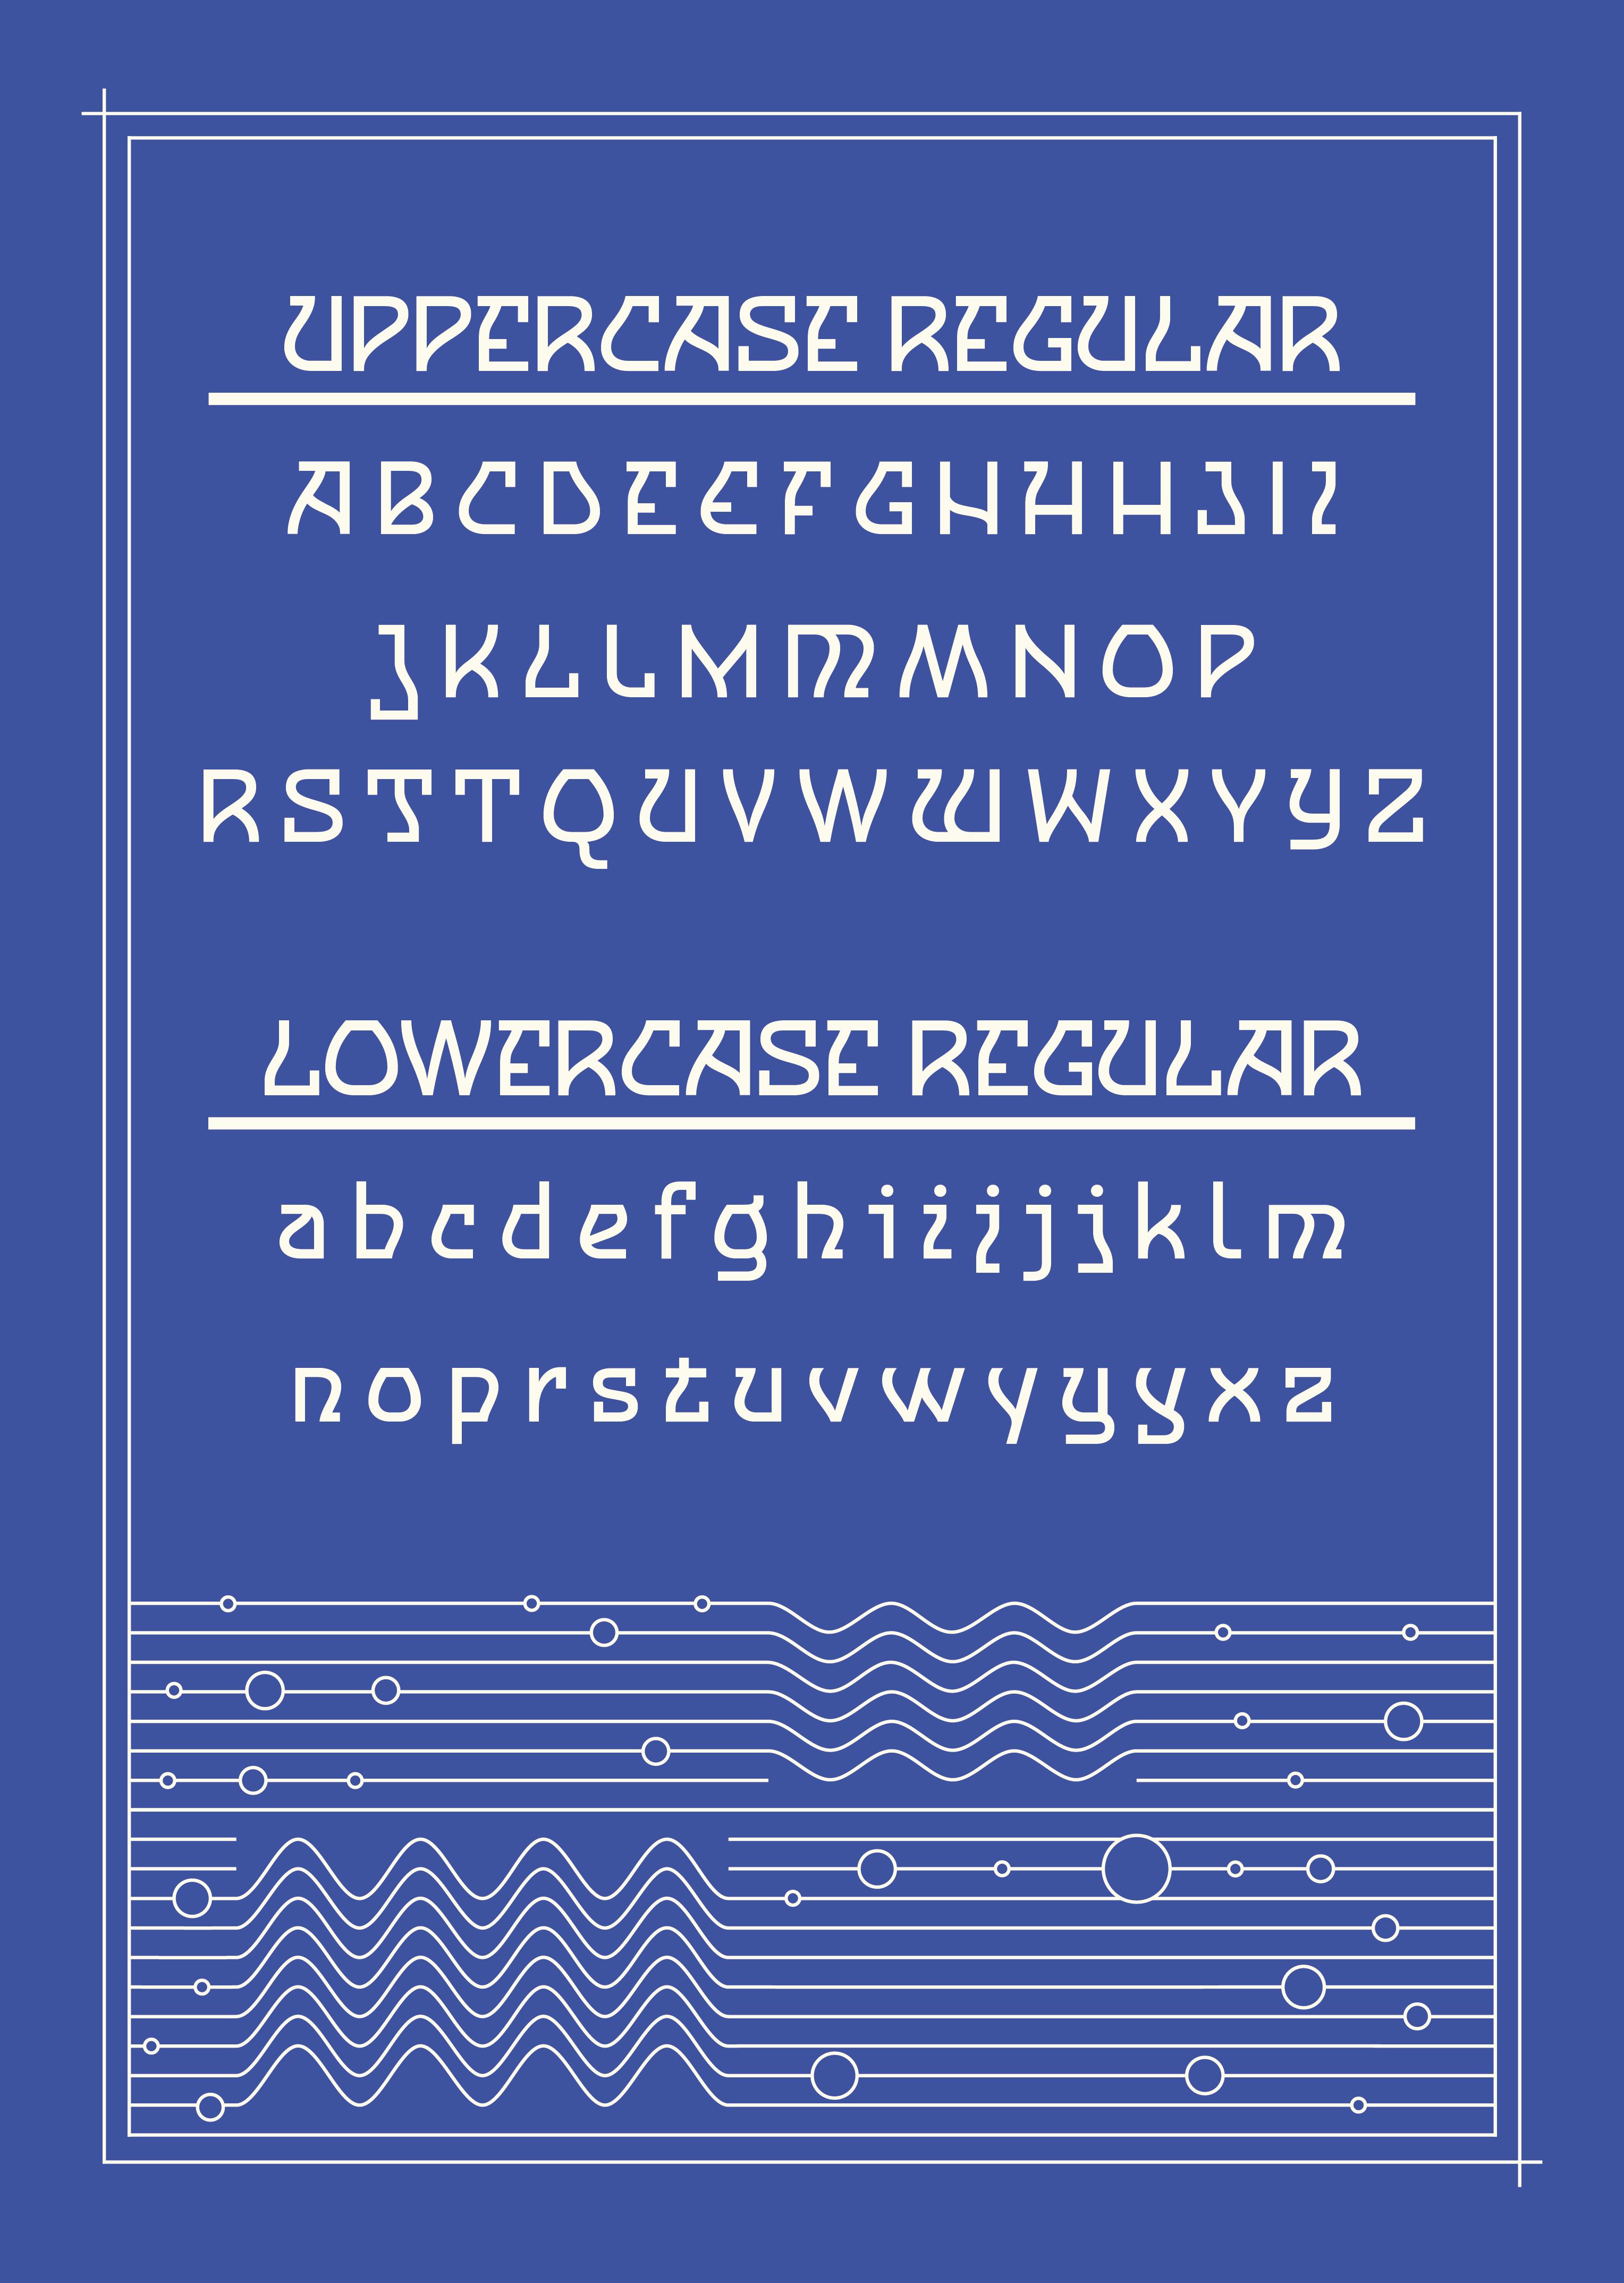 Cnabel Font alphabet